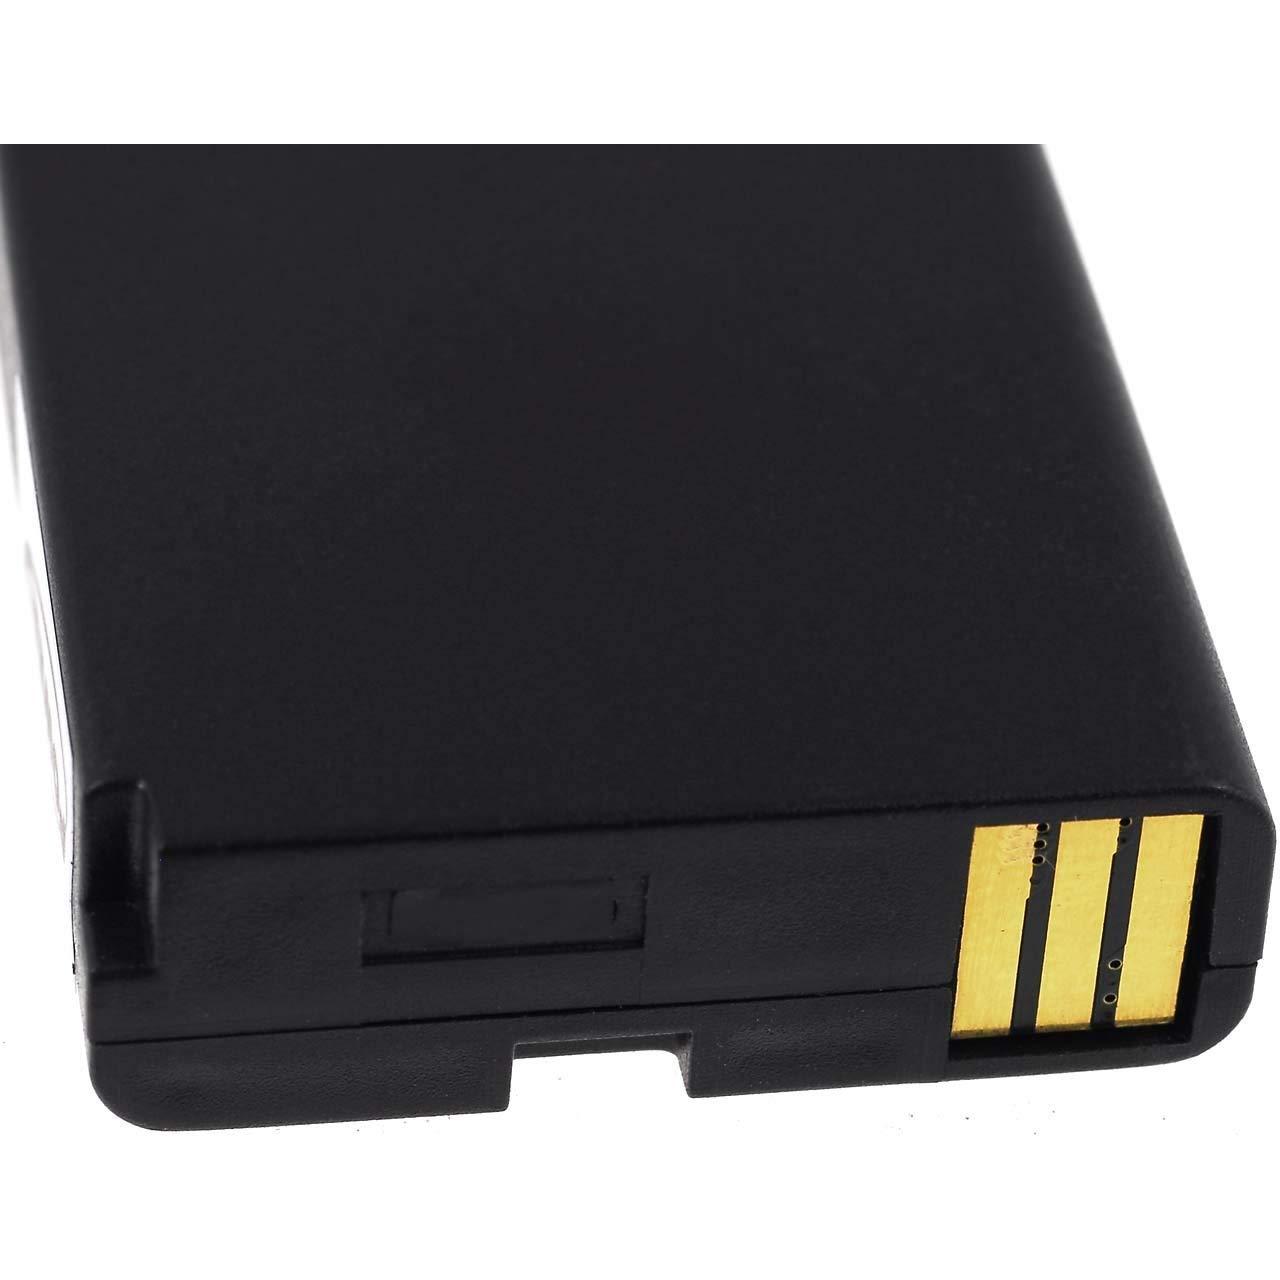 Bater/ía para Esc/áner Vectron Modelo 6801570551